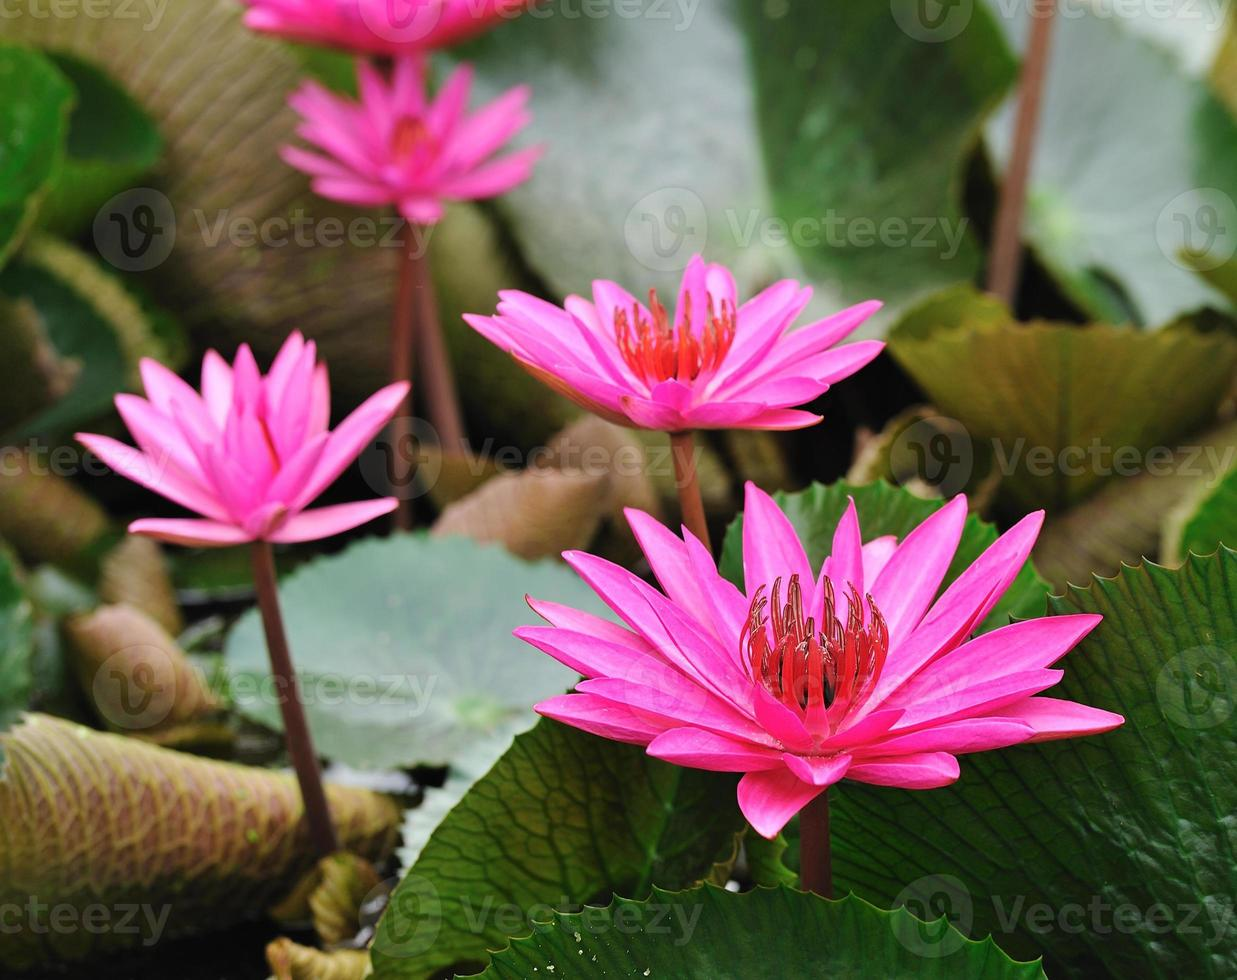 flor de lótus malva que floresce na lagoa. foto